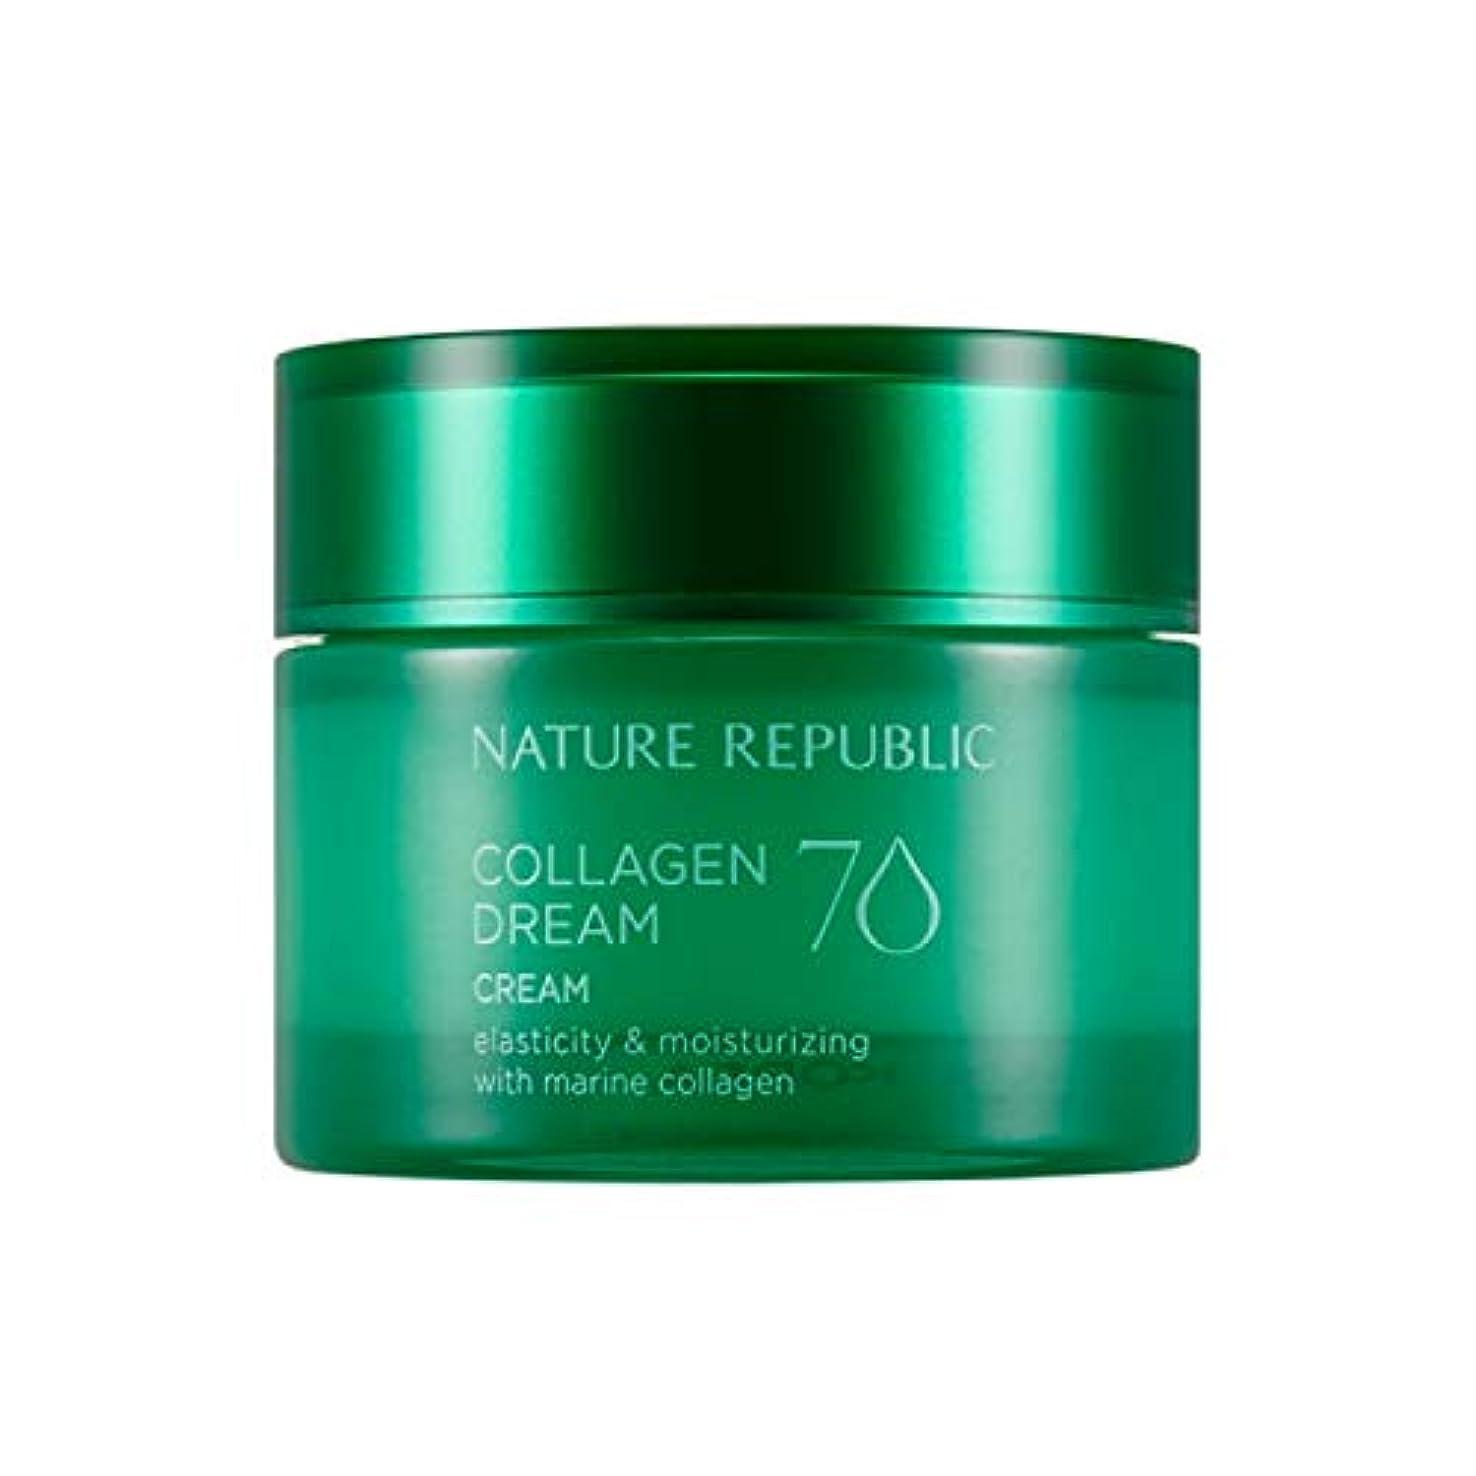 モス合法ラインナップネイチャーリパブリック(Nature Republic)コラーゲンドリーム70クリーム 50ml / Collagen Dream 70 Cream 50ml :: 韓国コスメ [並行輸入品]